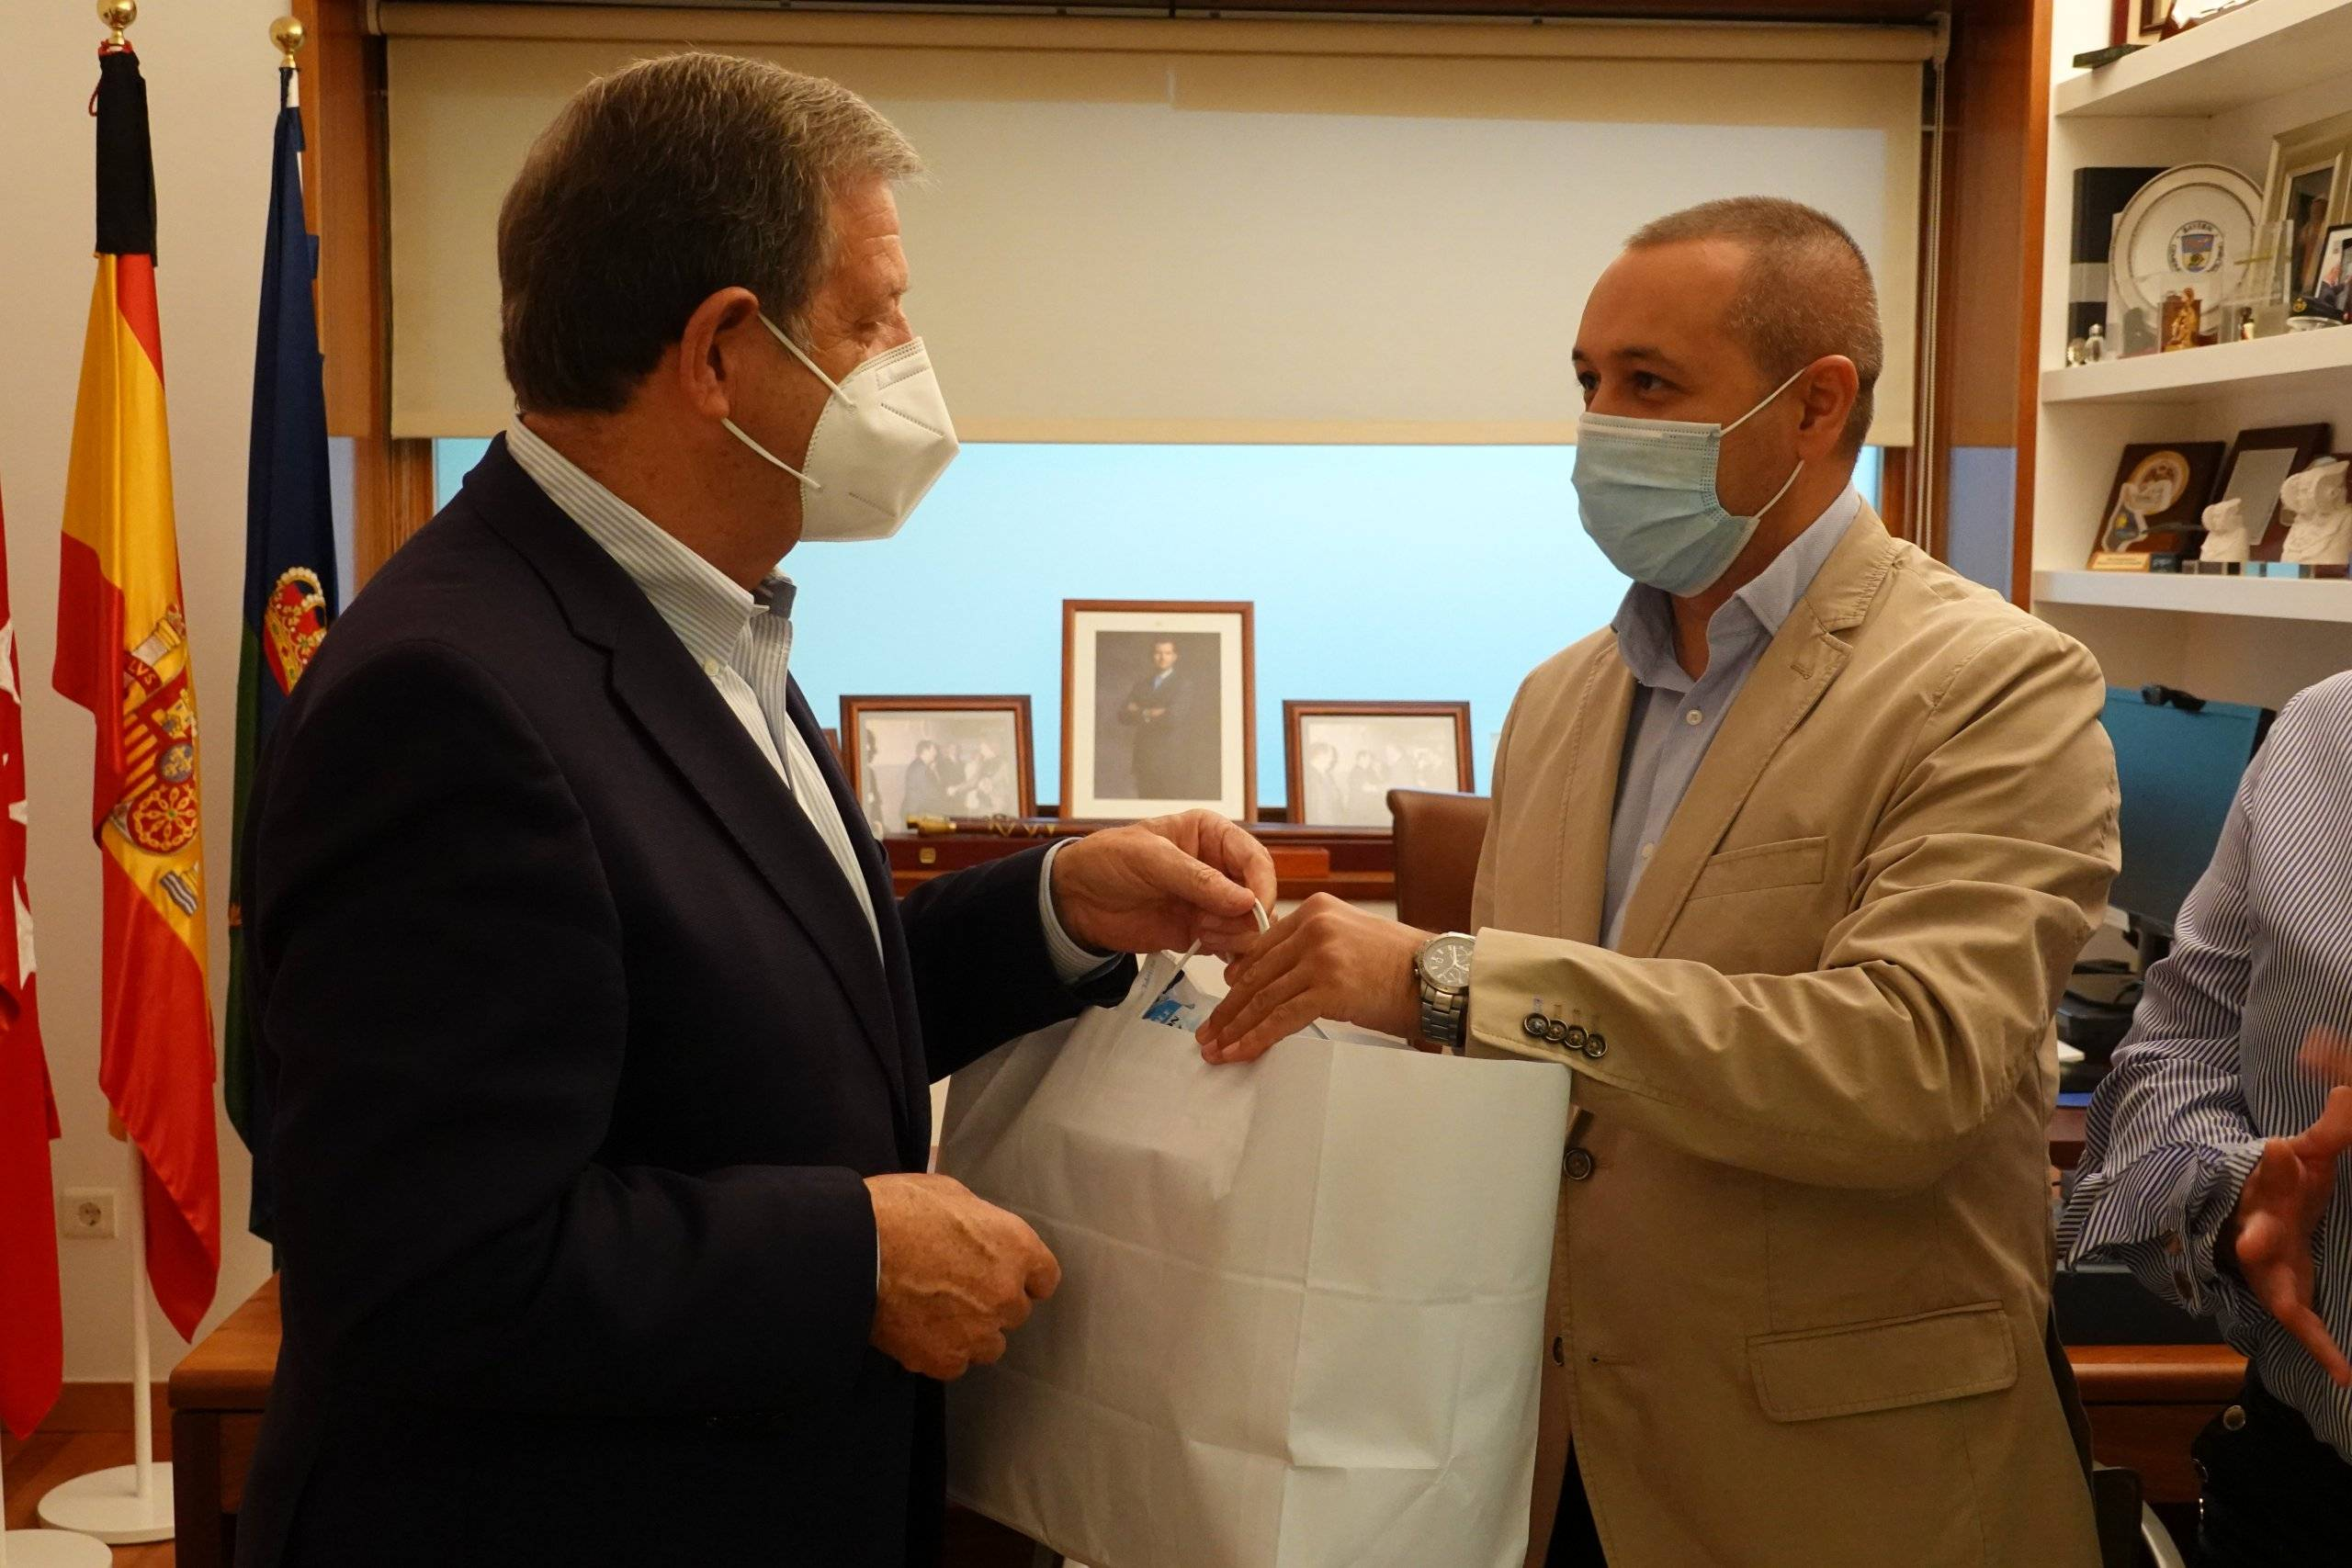 El alcalde, Luis Partida, hace entrega del lote de mascarillas al presidente de la asociación, Leonard Dumitrescu.